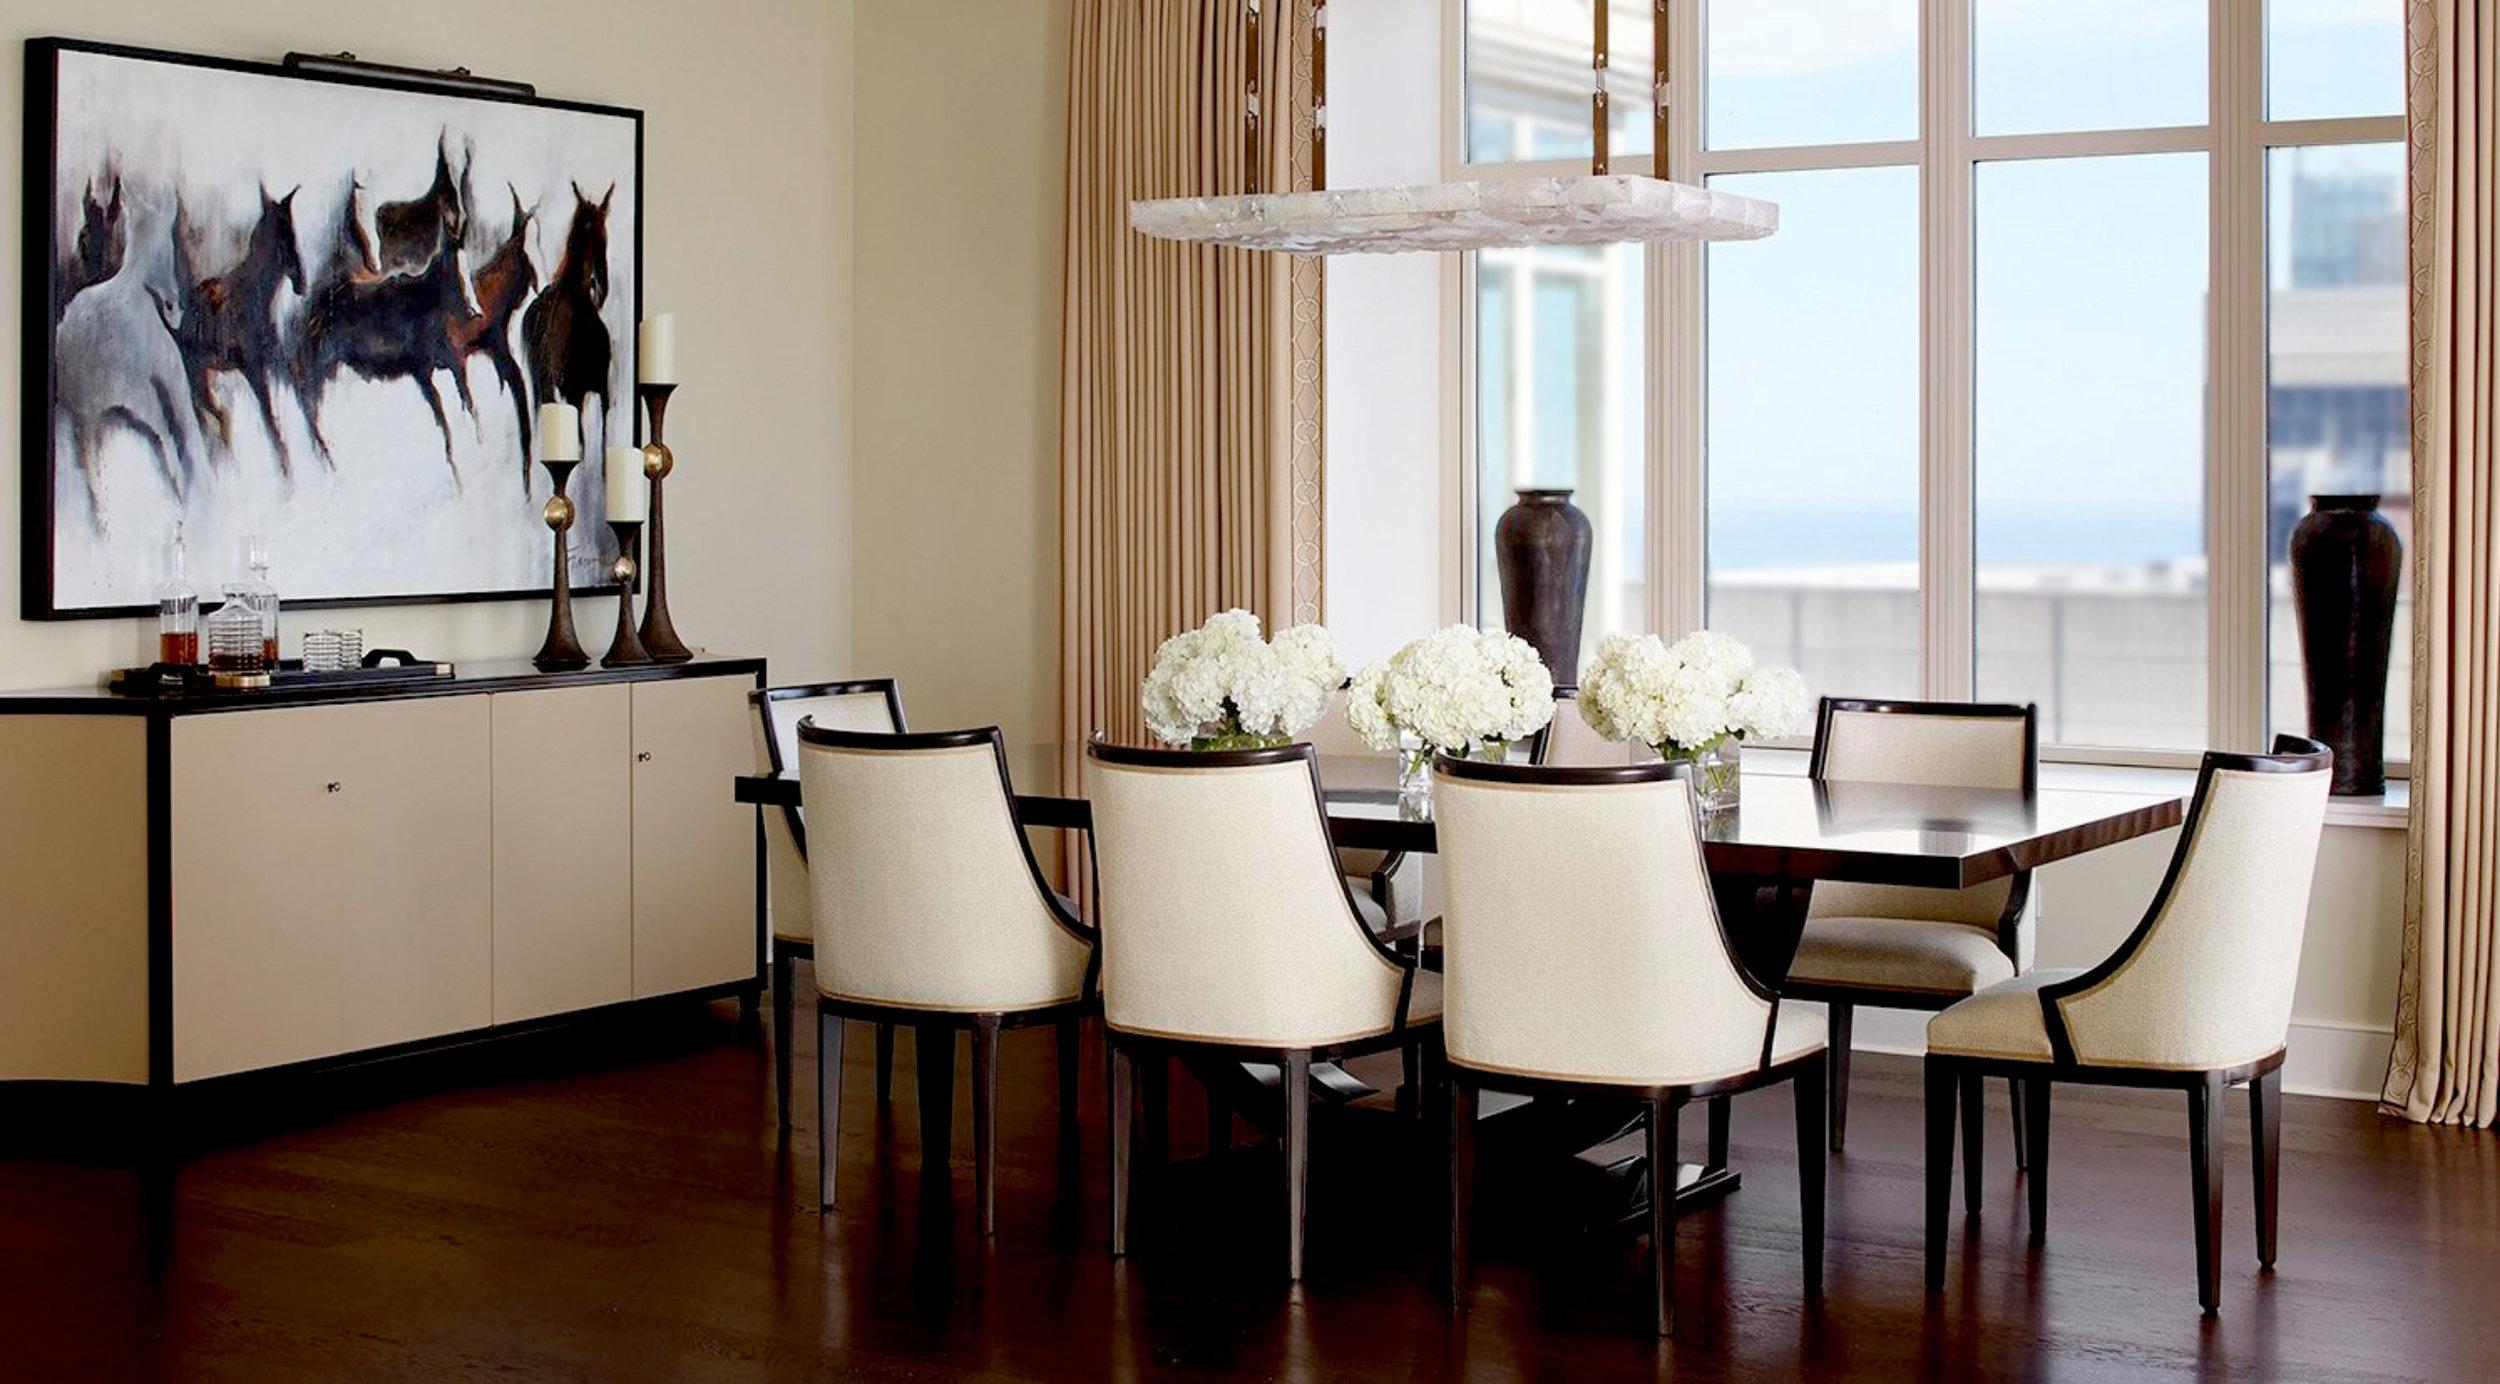 Custom Order by Lichten Craig Architecture and Interiors